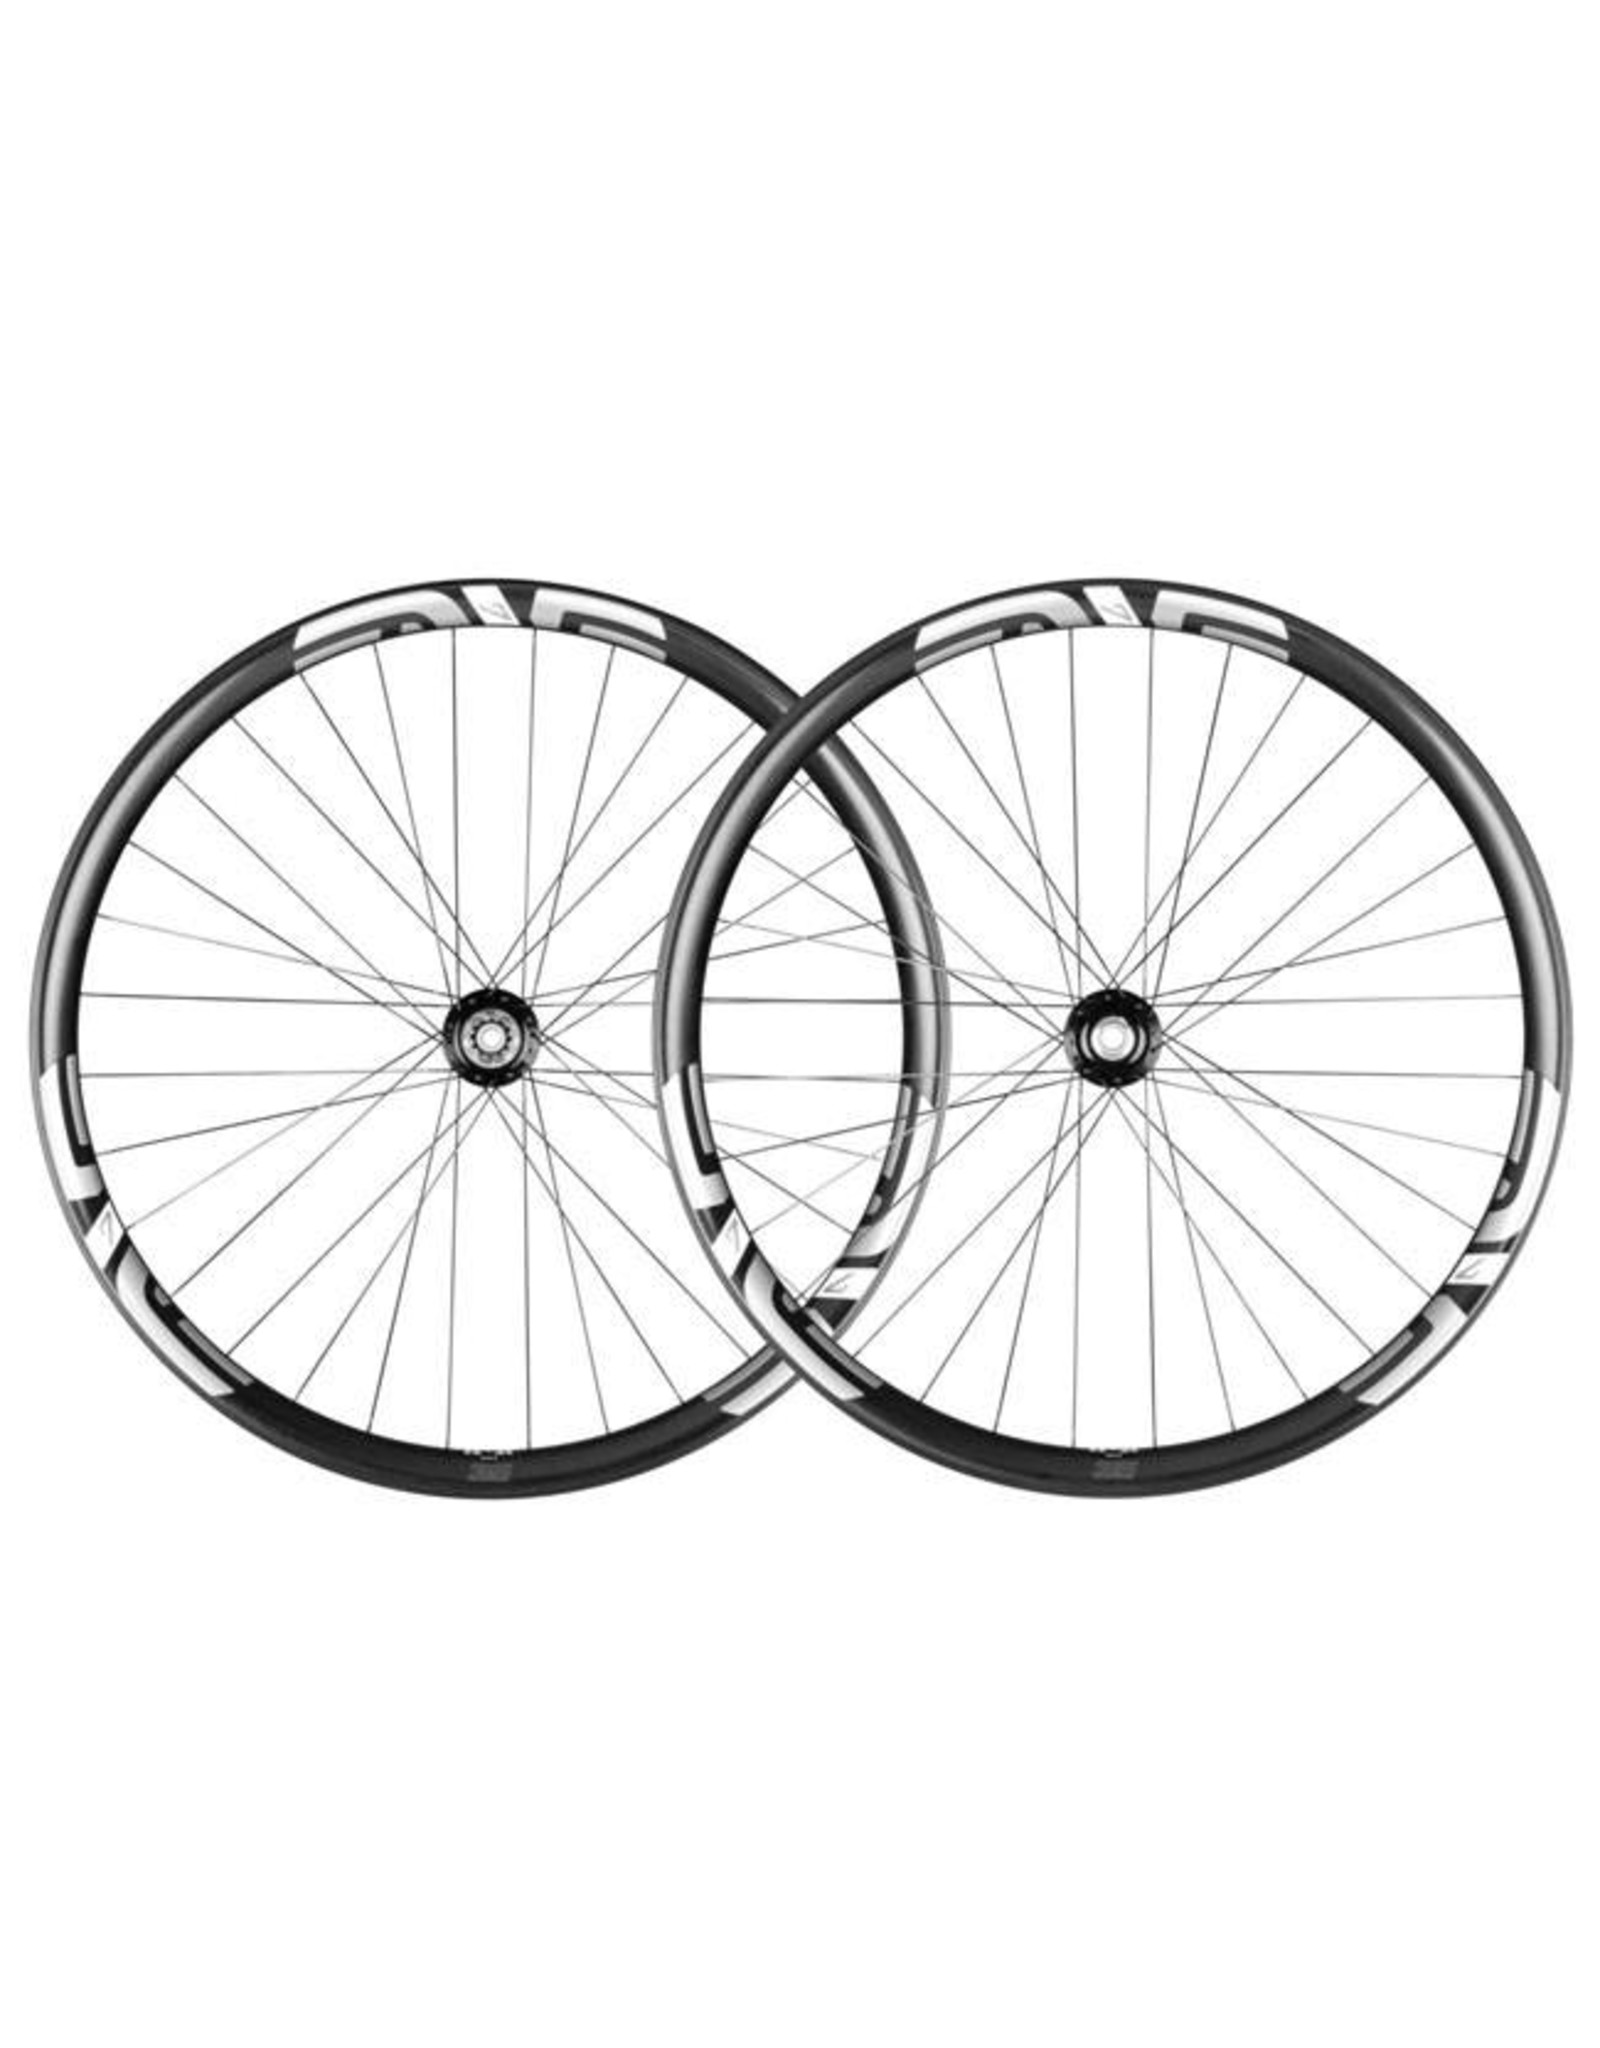 """ENVE Composites ENVE M735 27.5"""" Wheelset 15 x 110, 12 x 148mm Boost, DT-Swiss Centerlock, Shimano"""